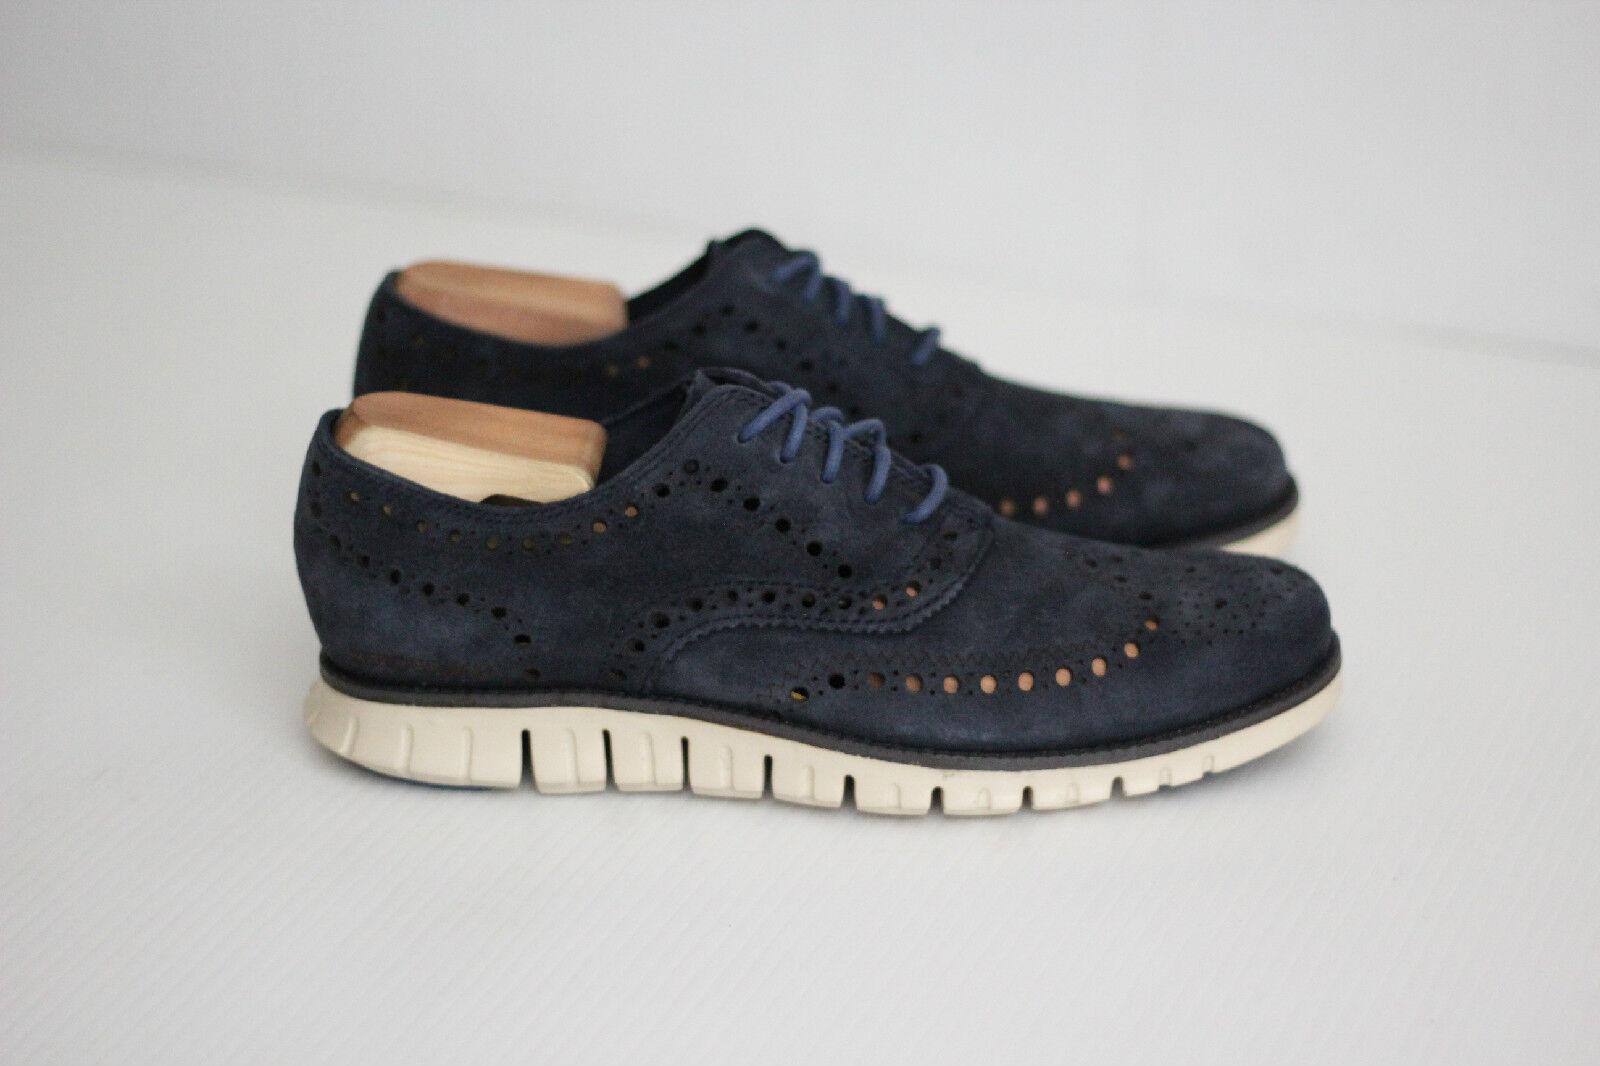 Cole Haan zerogrand punta del ala Oxford Zapato-Azul Marino Gamuza - 8 M-C20128 (Y37)